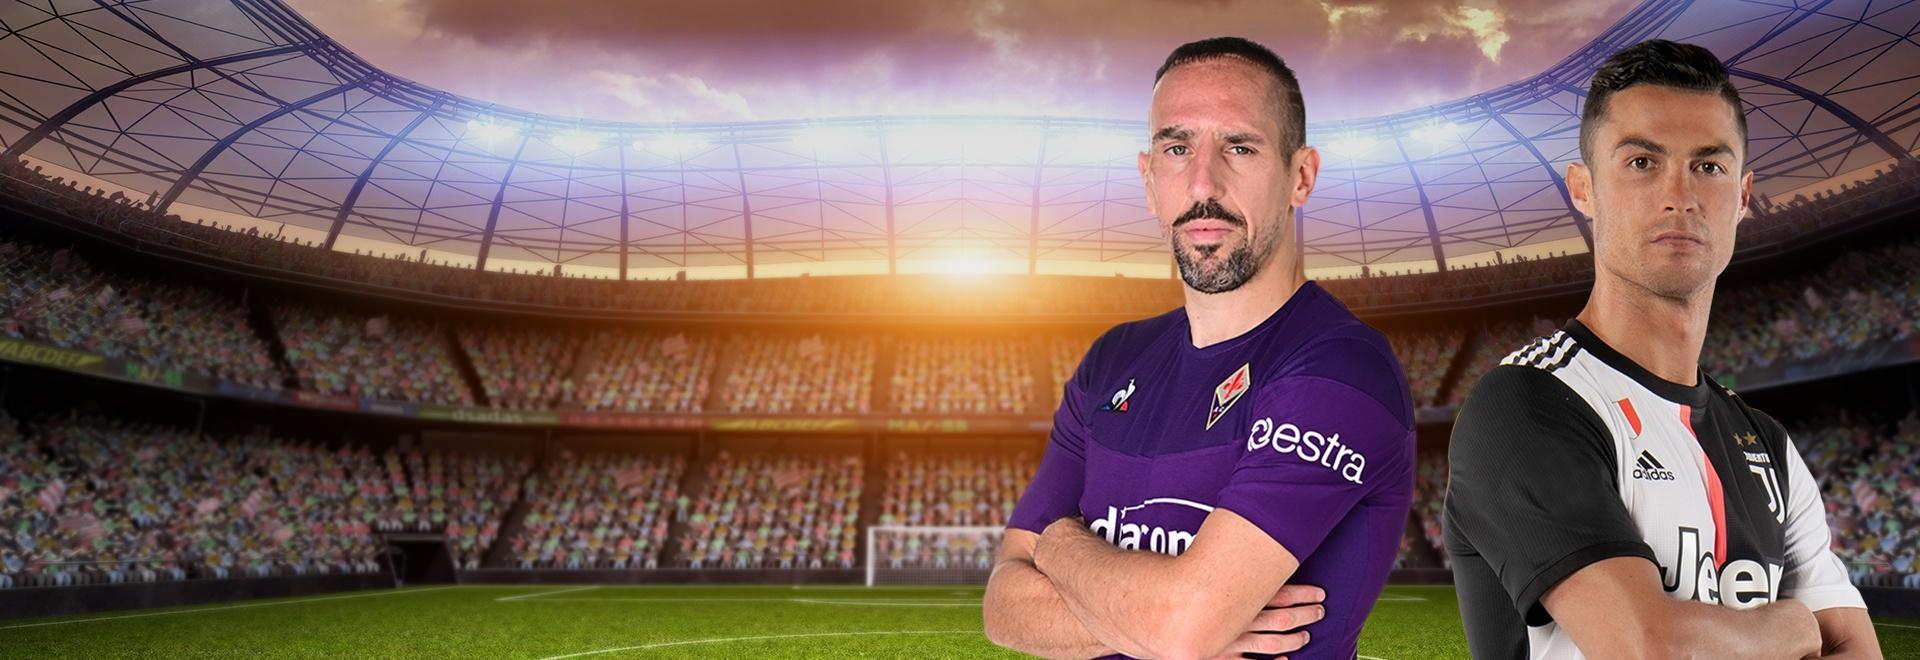 Fiorentina - Juventus. 3a g.